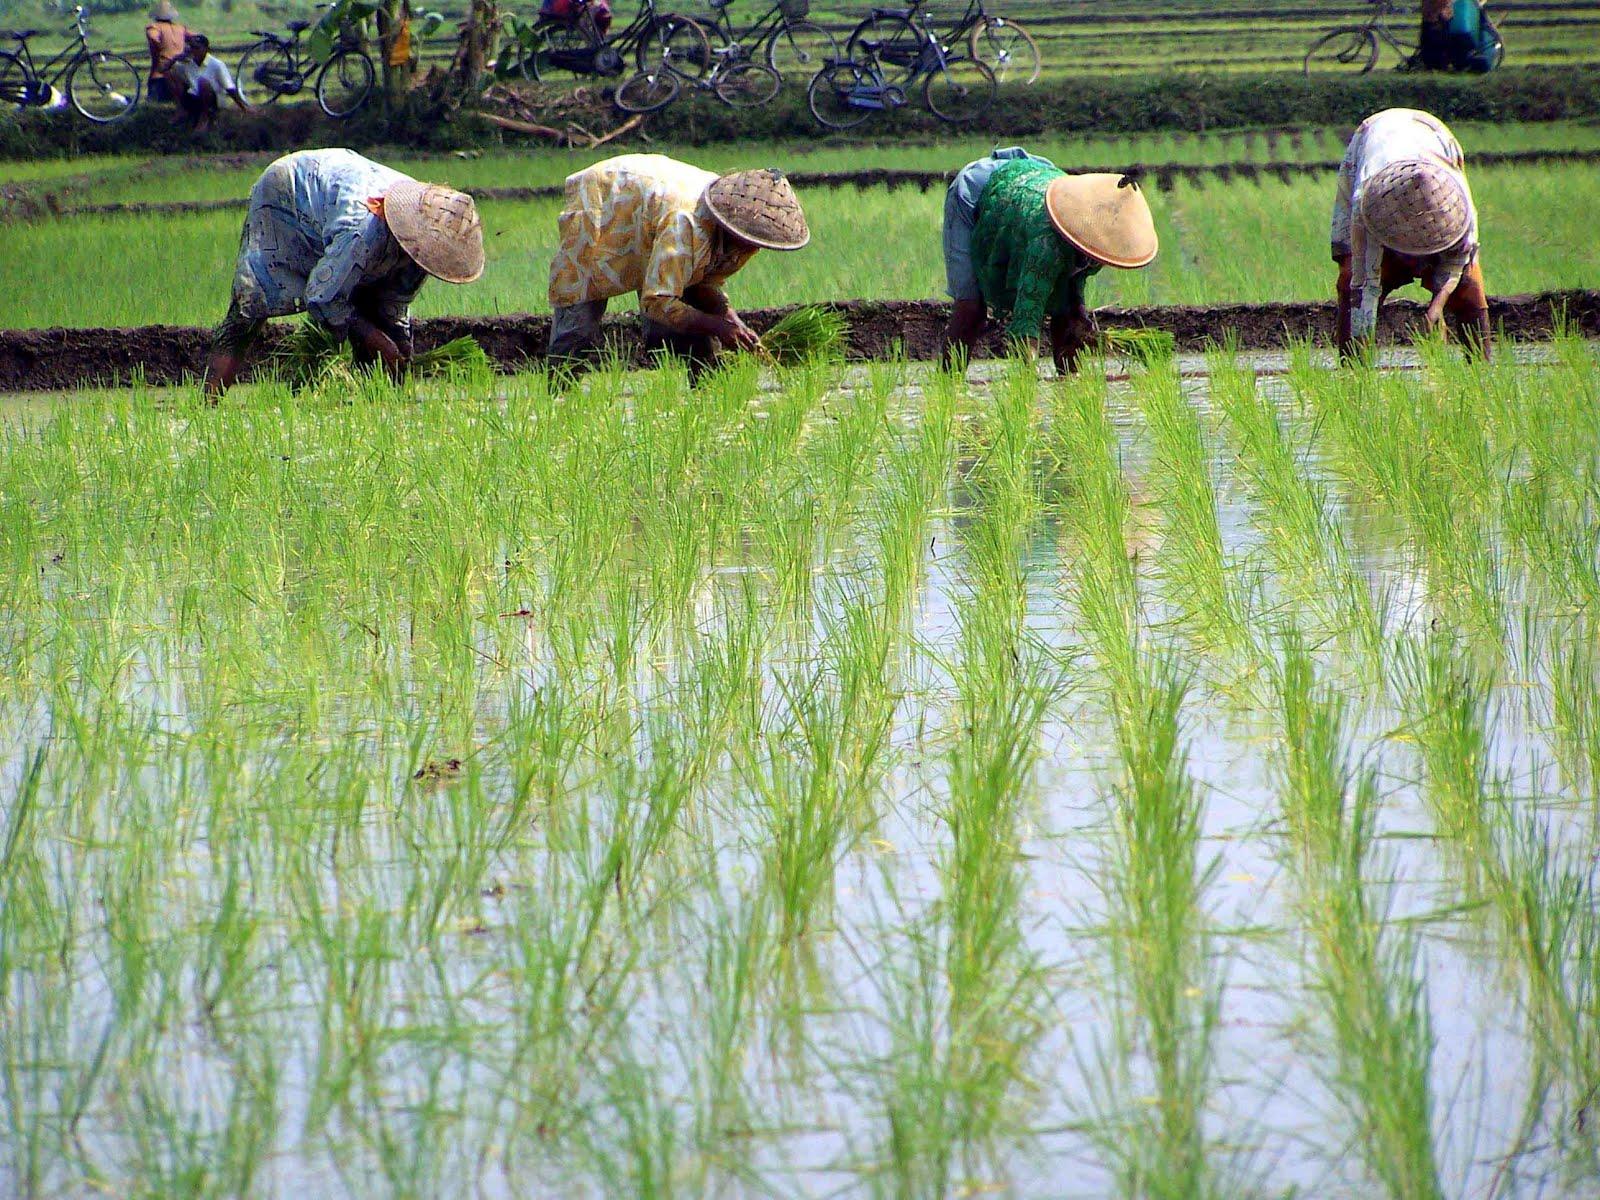 Potret pertanian di Indonesia | Foto: bangazul.com